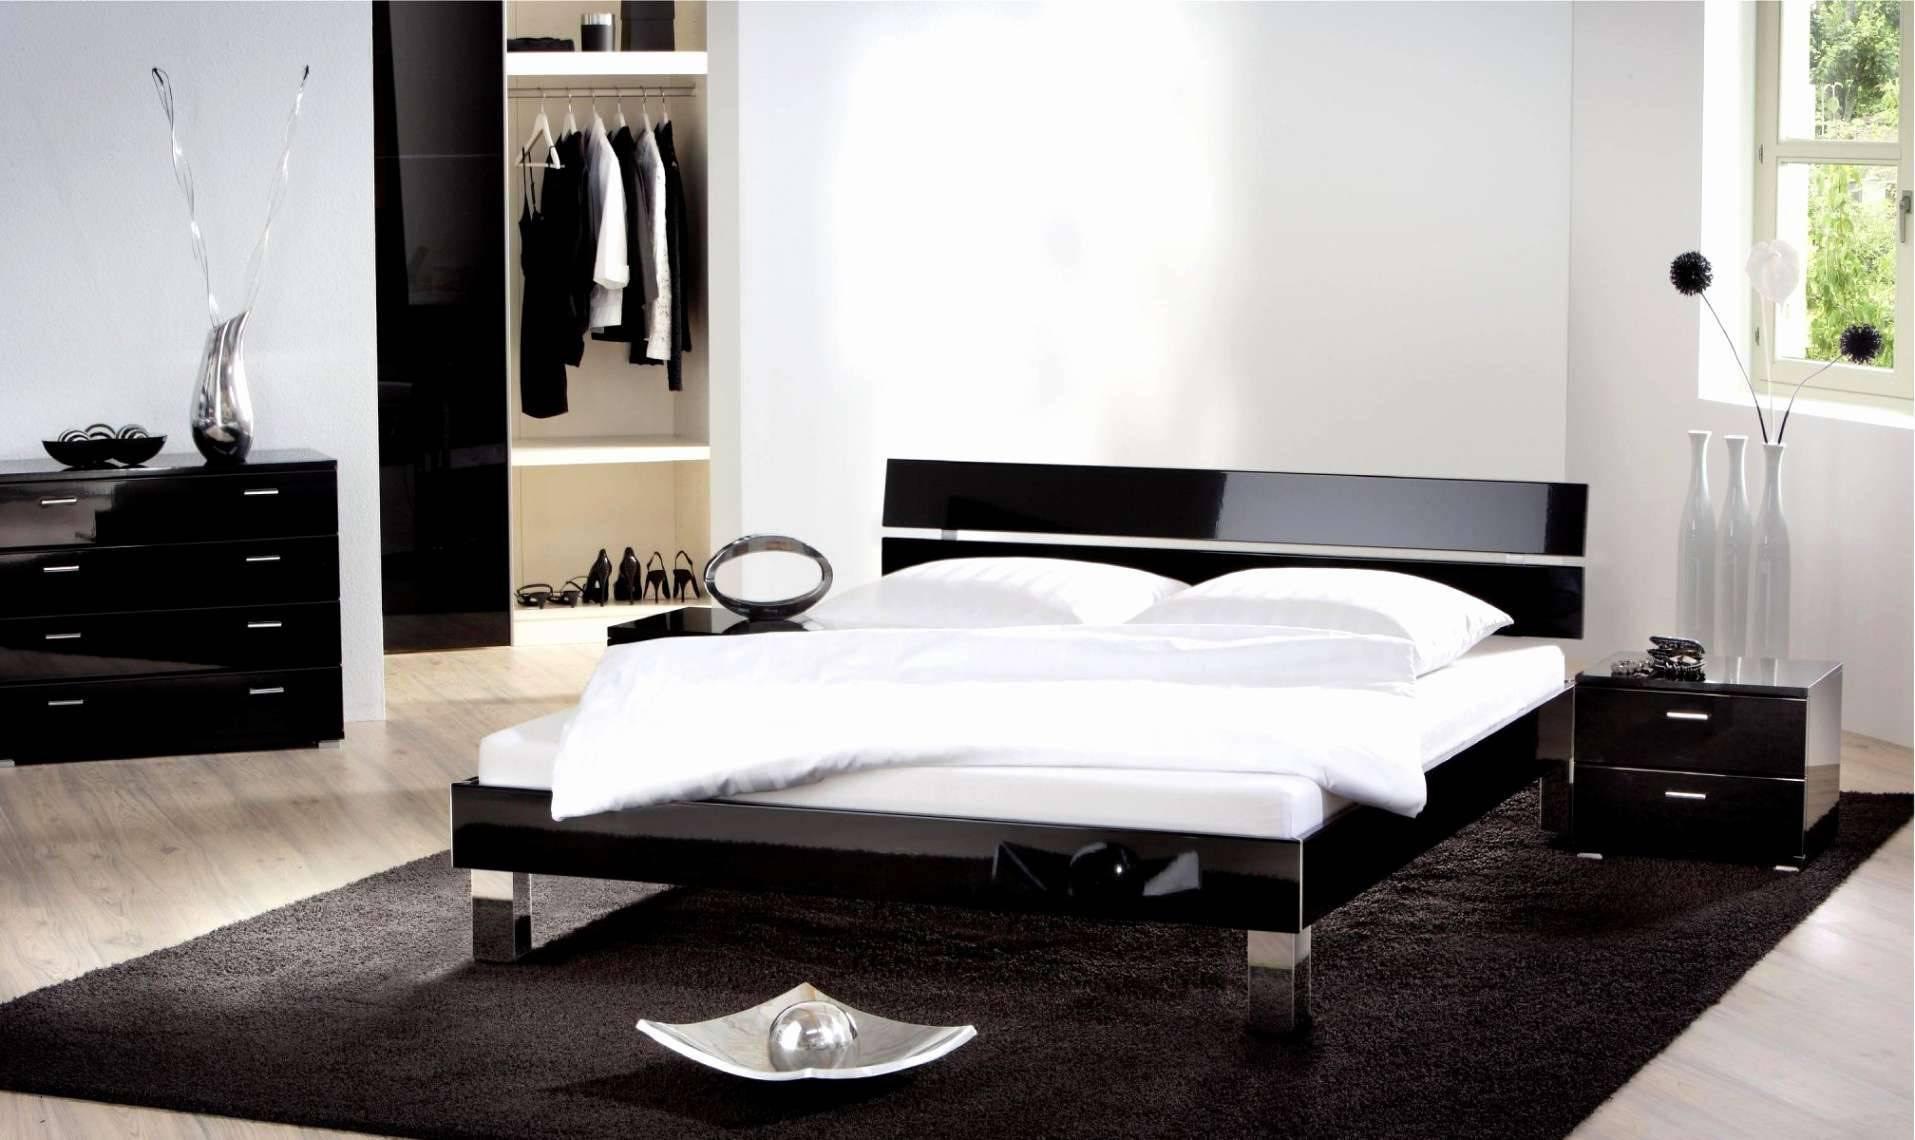 deko fur das wohnzimmer best of 50 fantastisch inspirationen dekoration fur den garten of deko fur das wohnzimmer